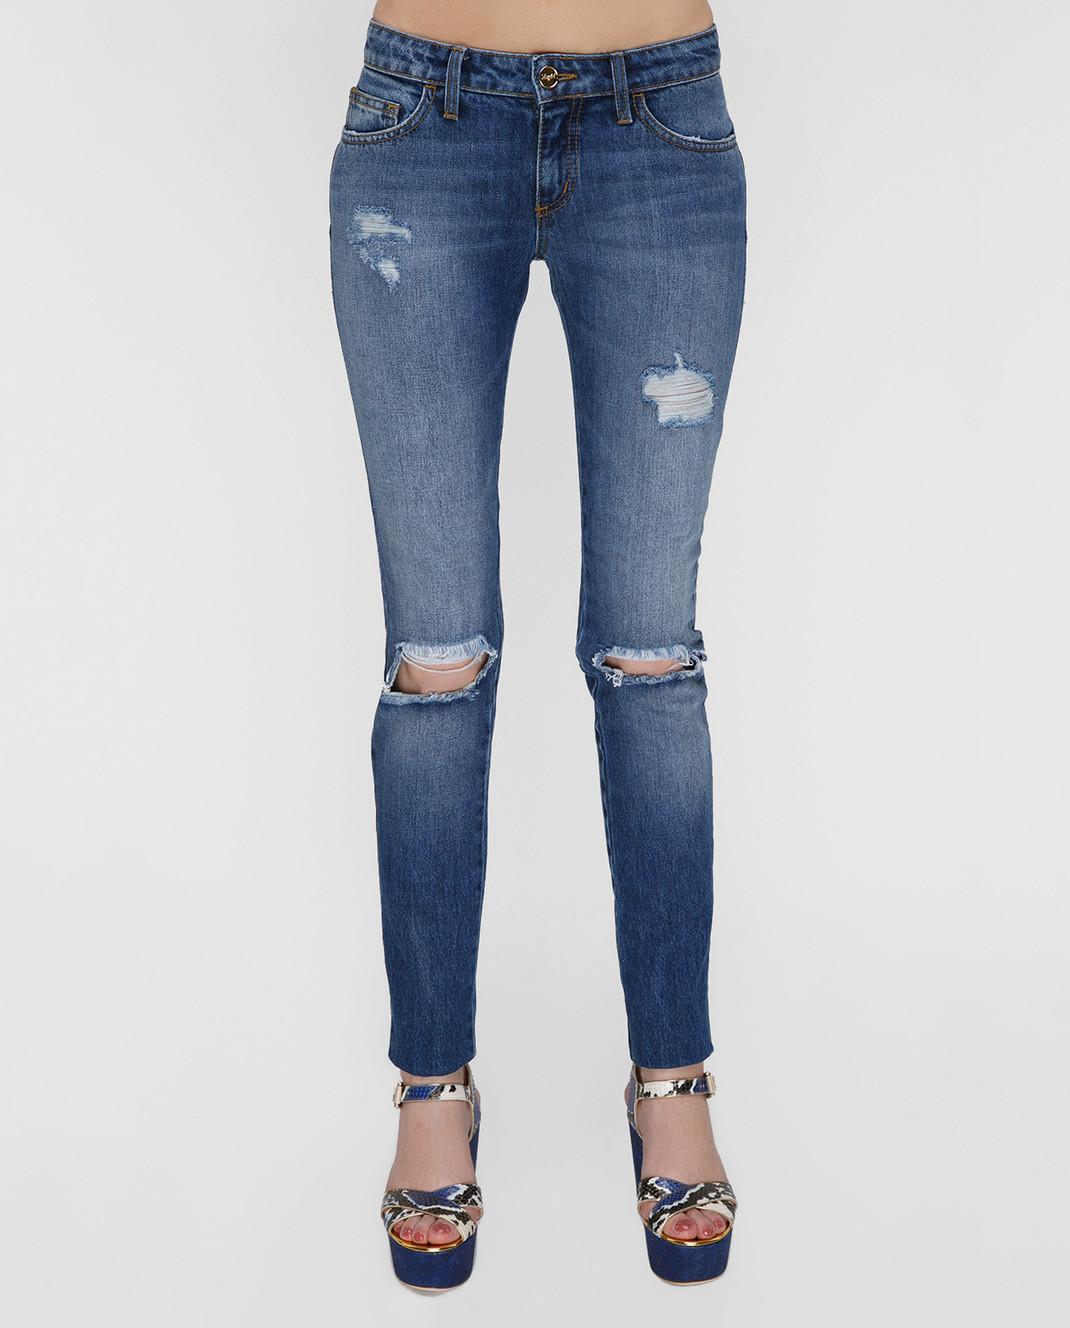 Blugirl Синие джинсы 3461 изображение 3